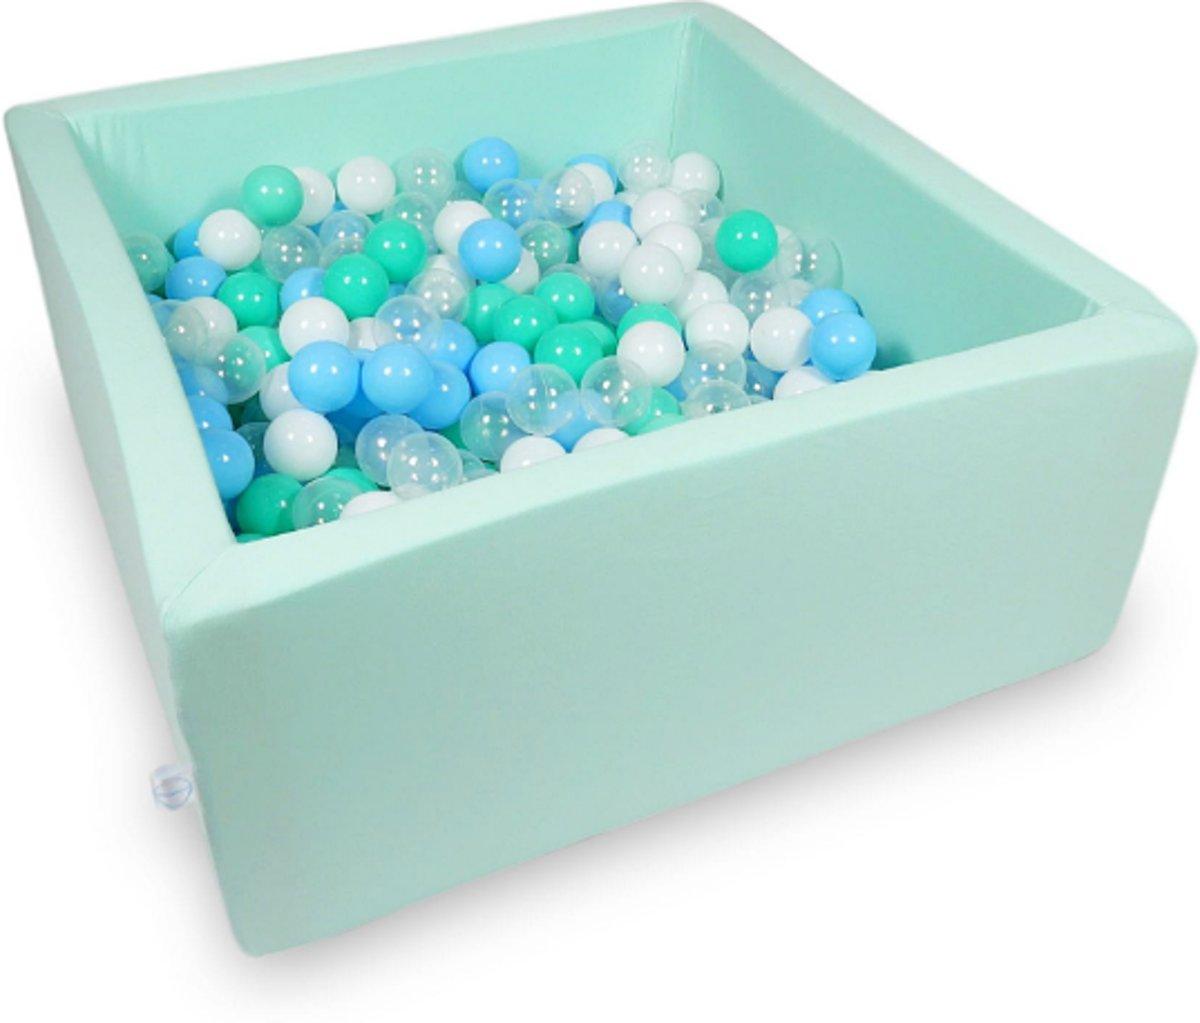 Ballenbak - 400 ballen - 90 x 90 x 40 cm - ballenbad - vierkant mint groen